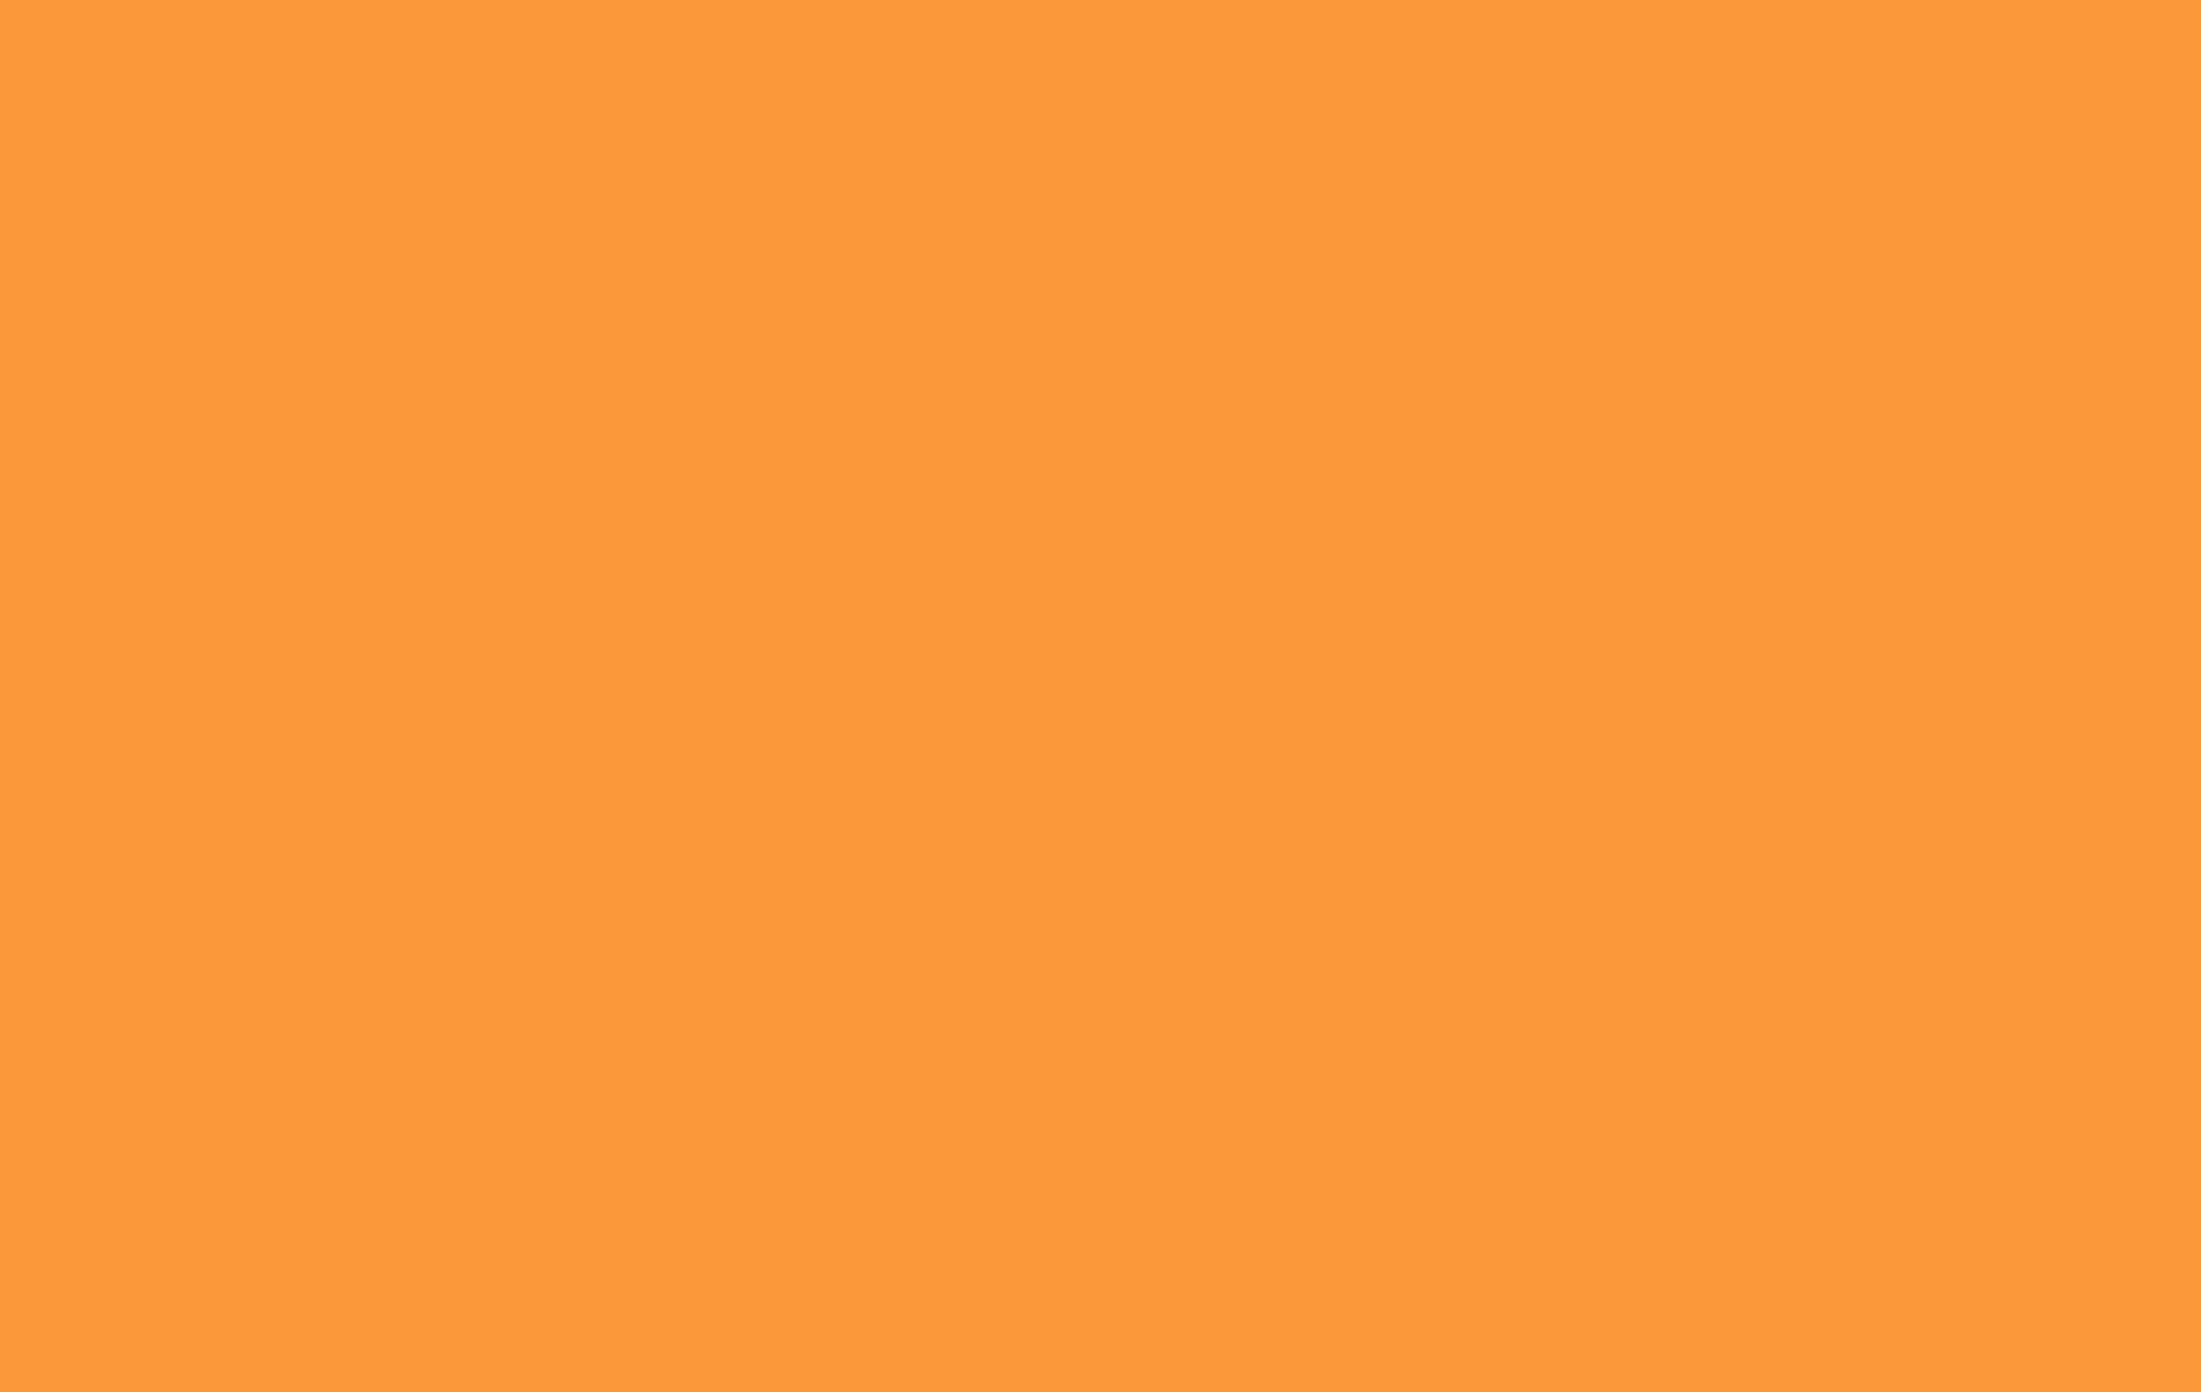 2-orange